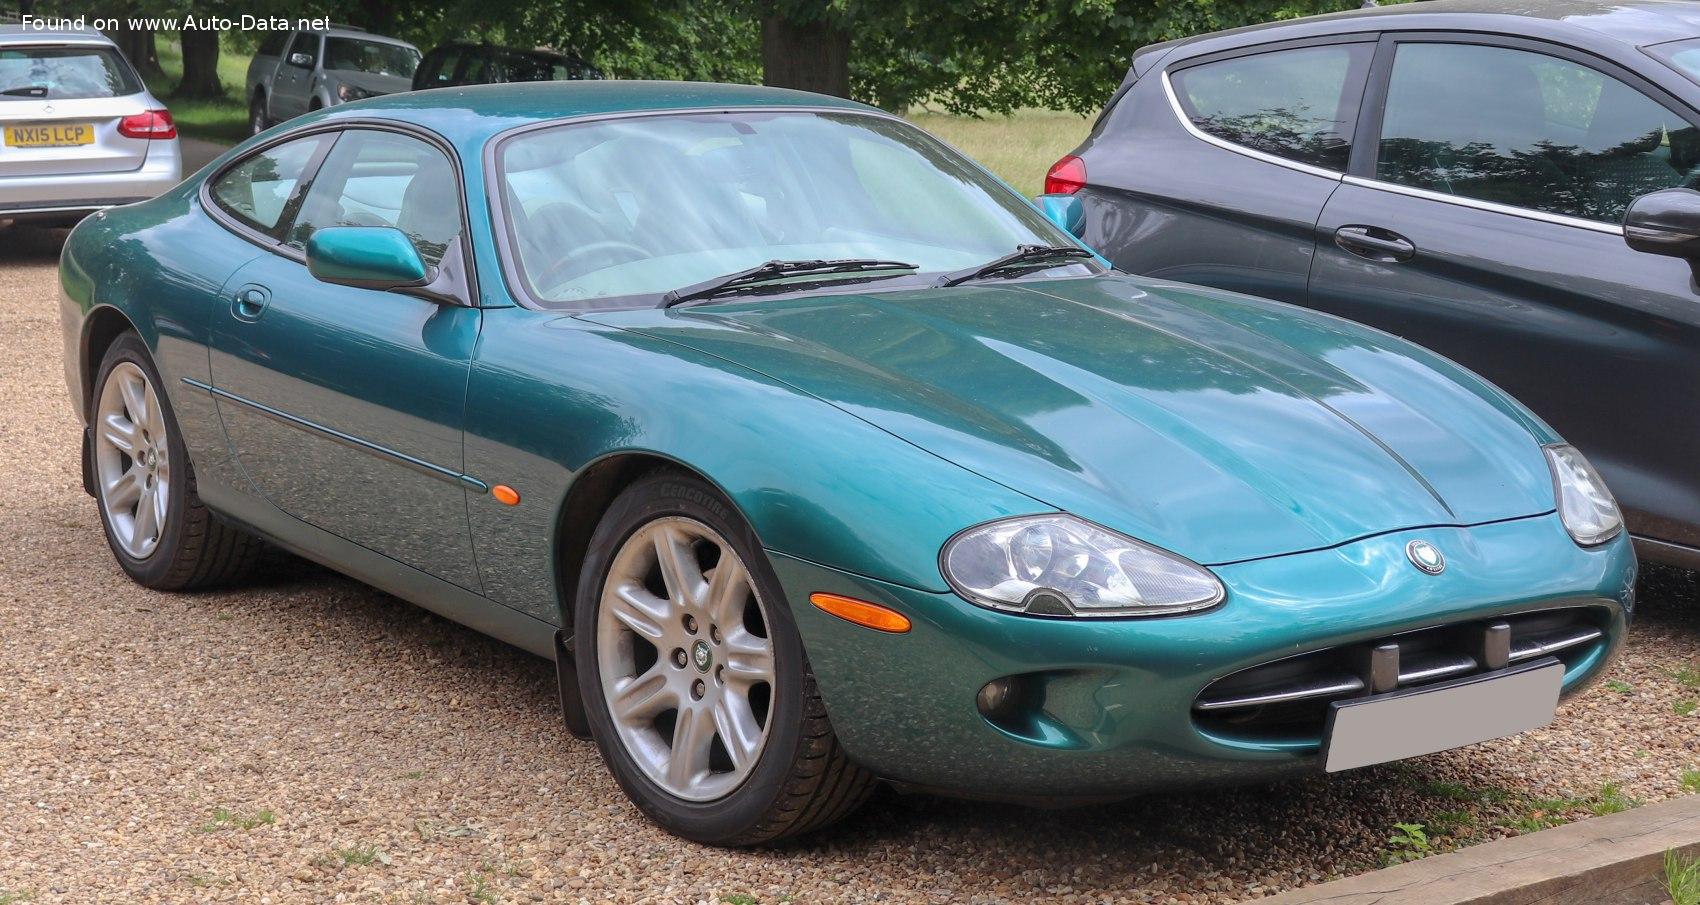 2002 Jaguar XK Coupe (X100) XK8 4.2 V8 (298 Hp) Automatic ...